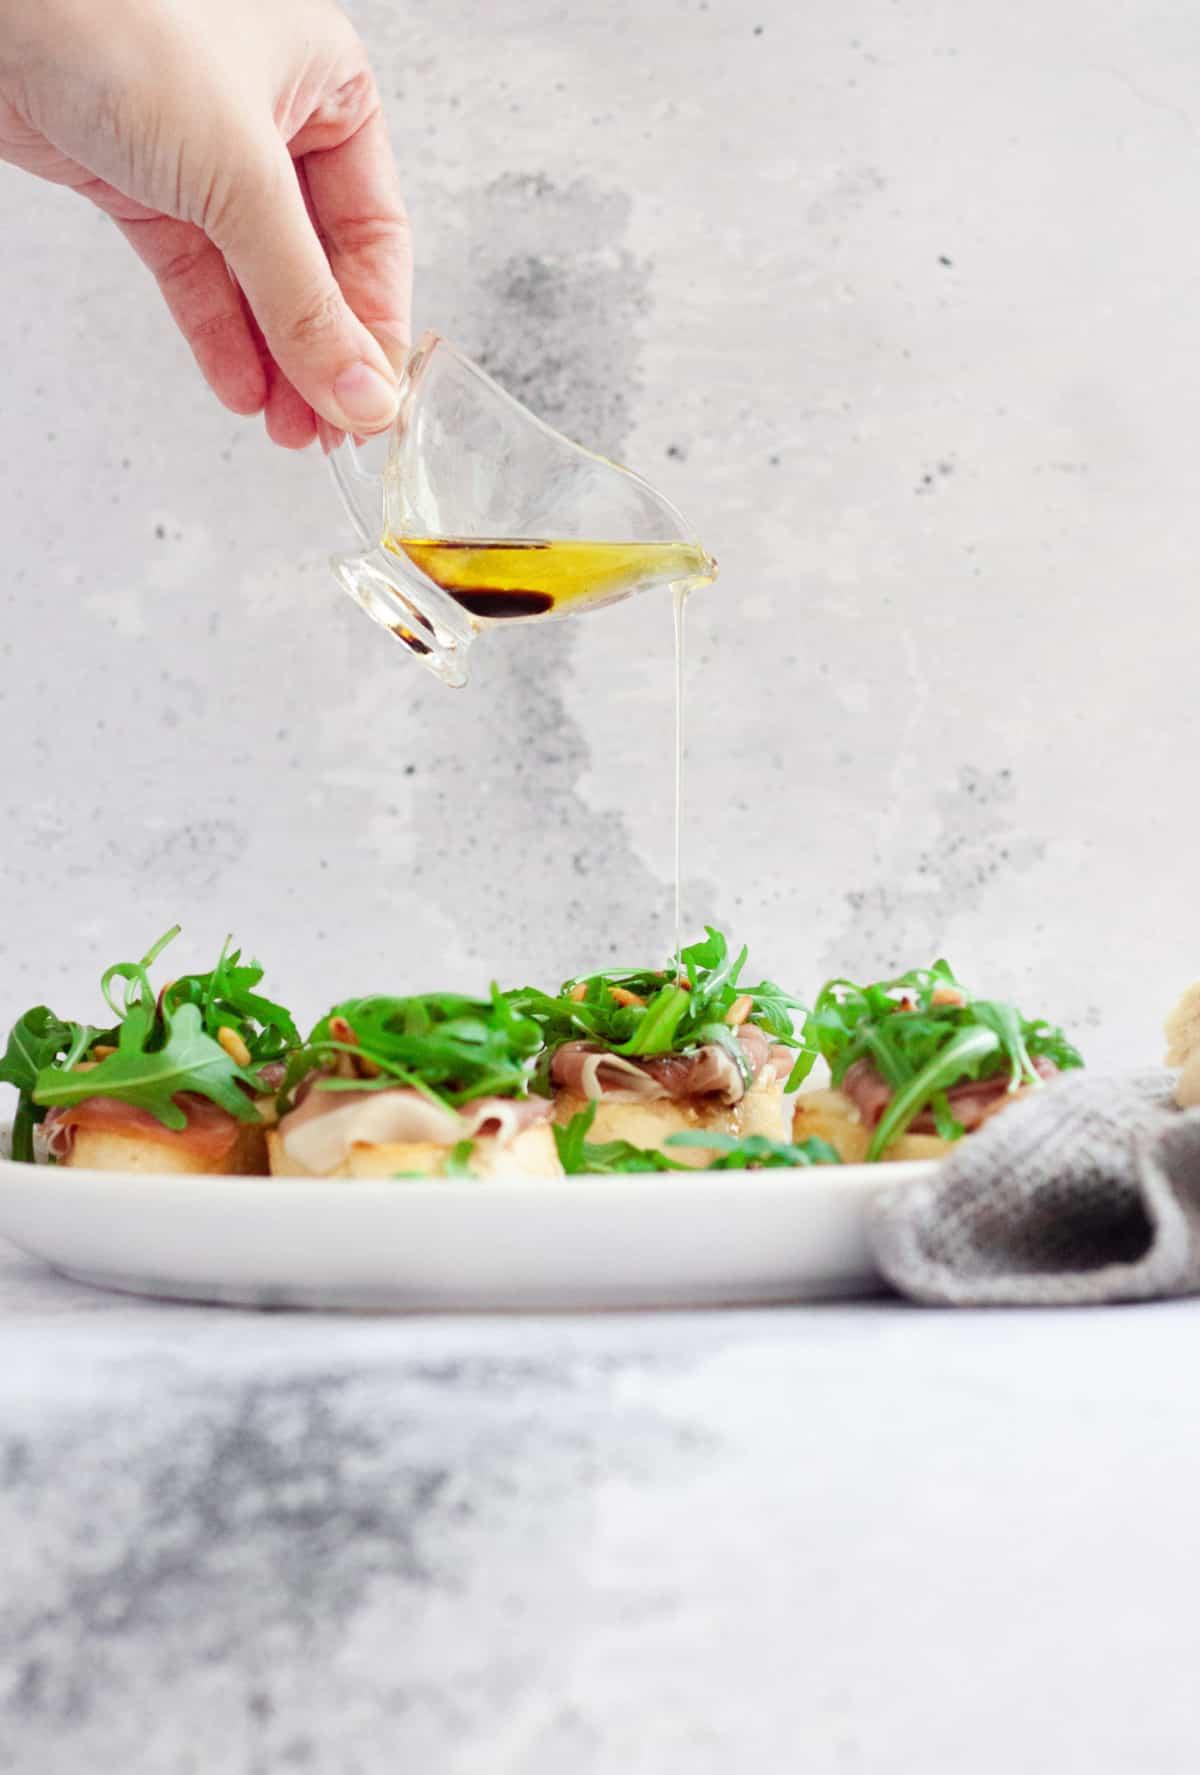 Prosciutto, Brie and Arugula Bruschetta drizzled with balsamic vinaigrette